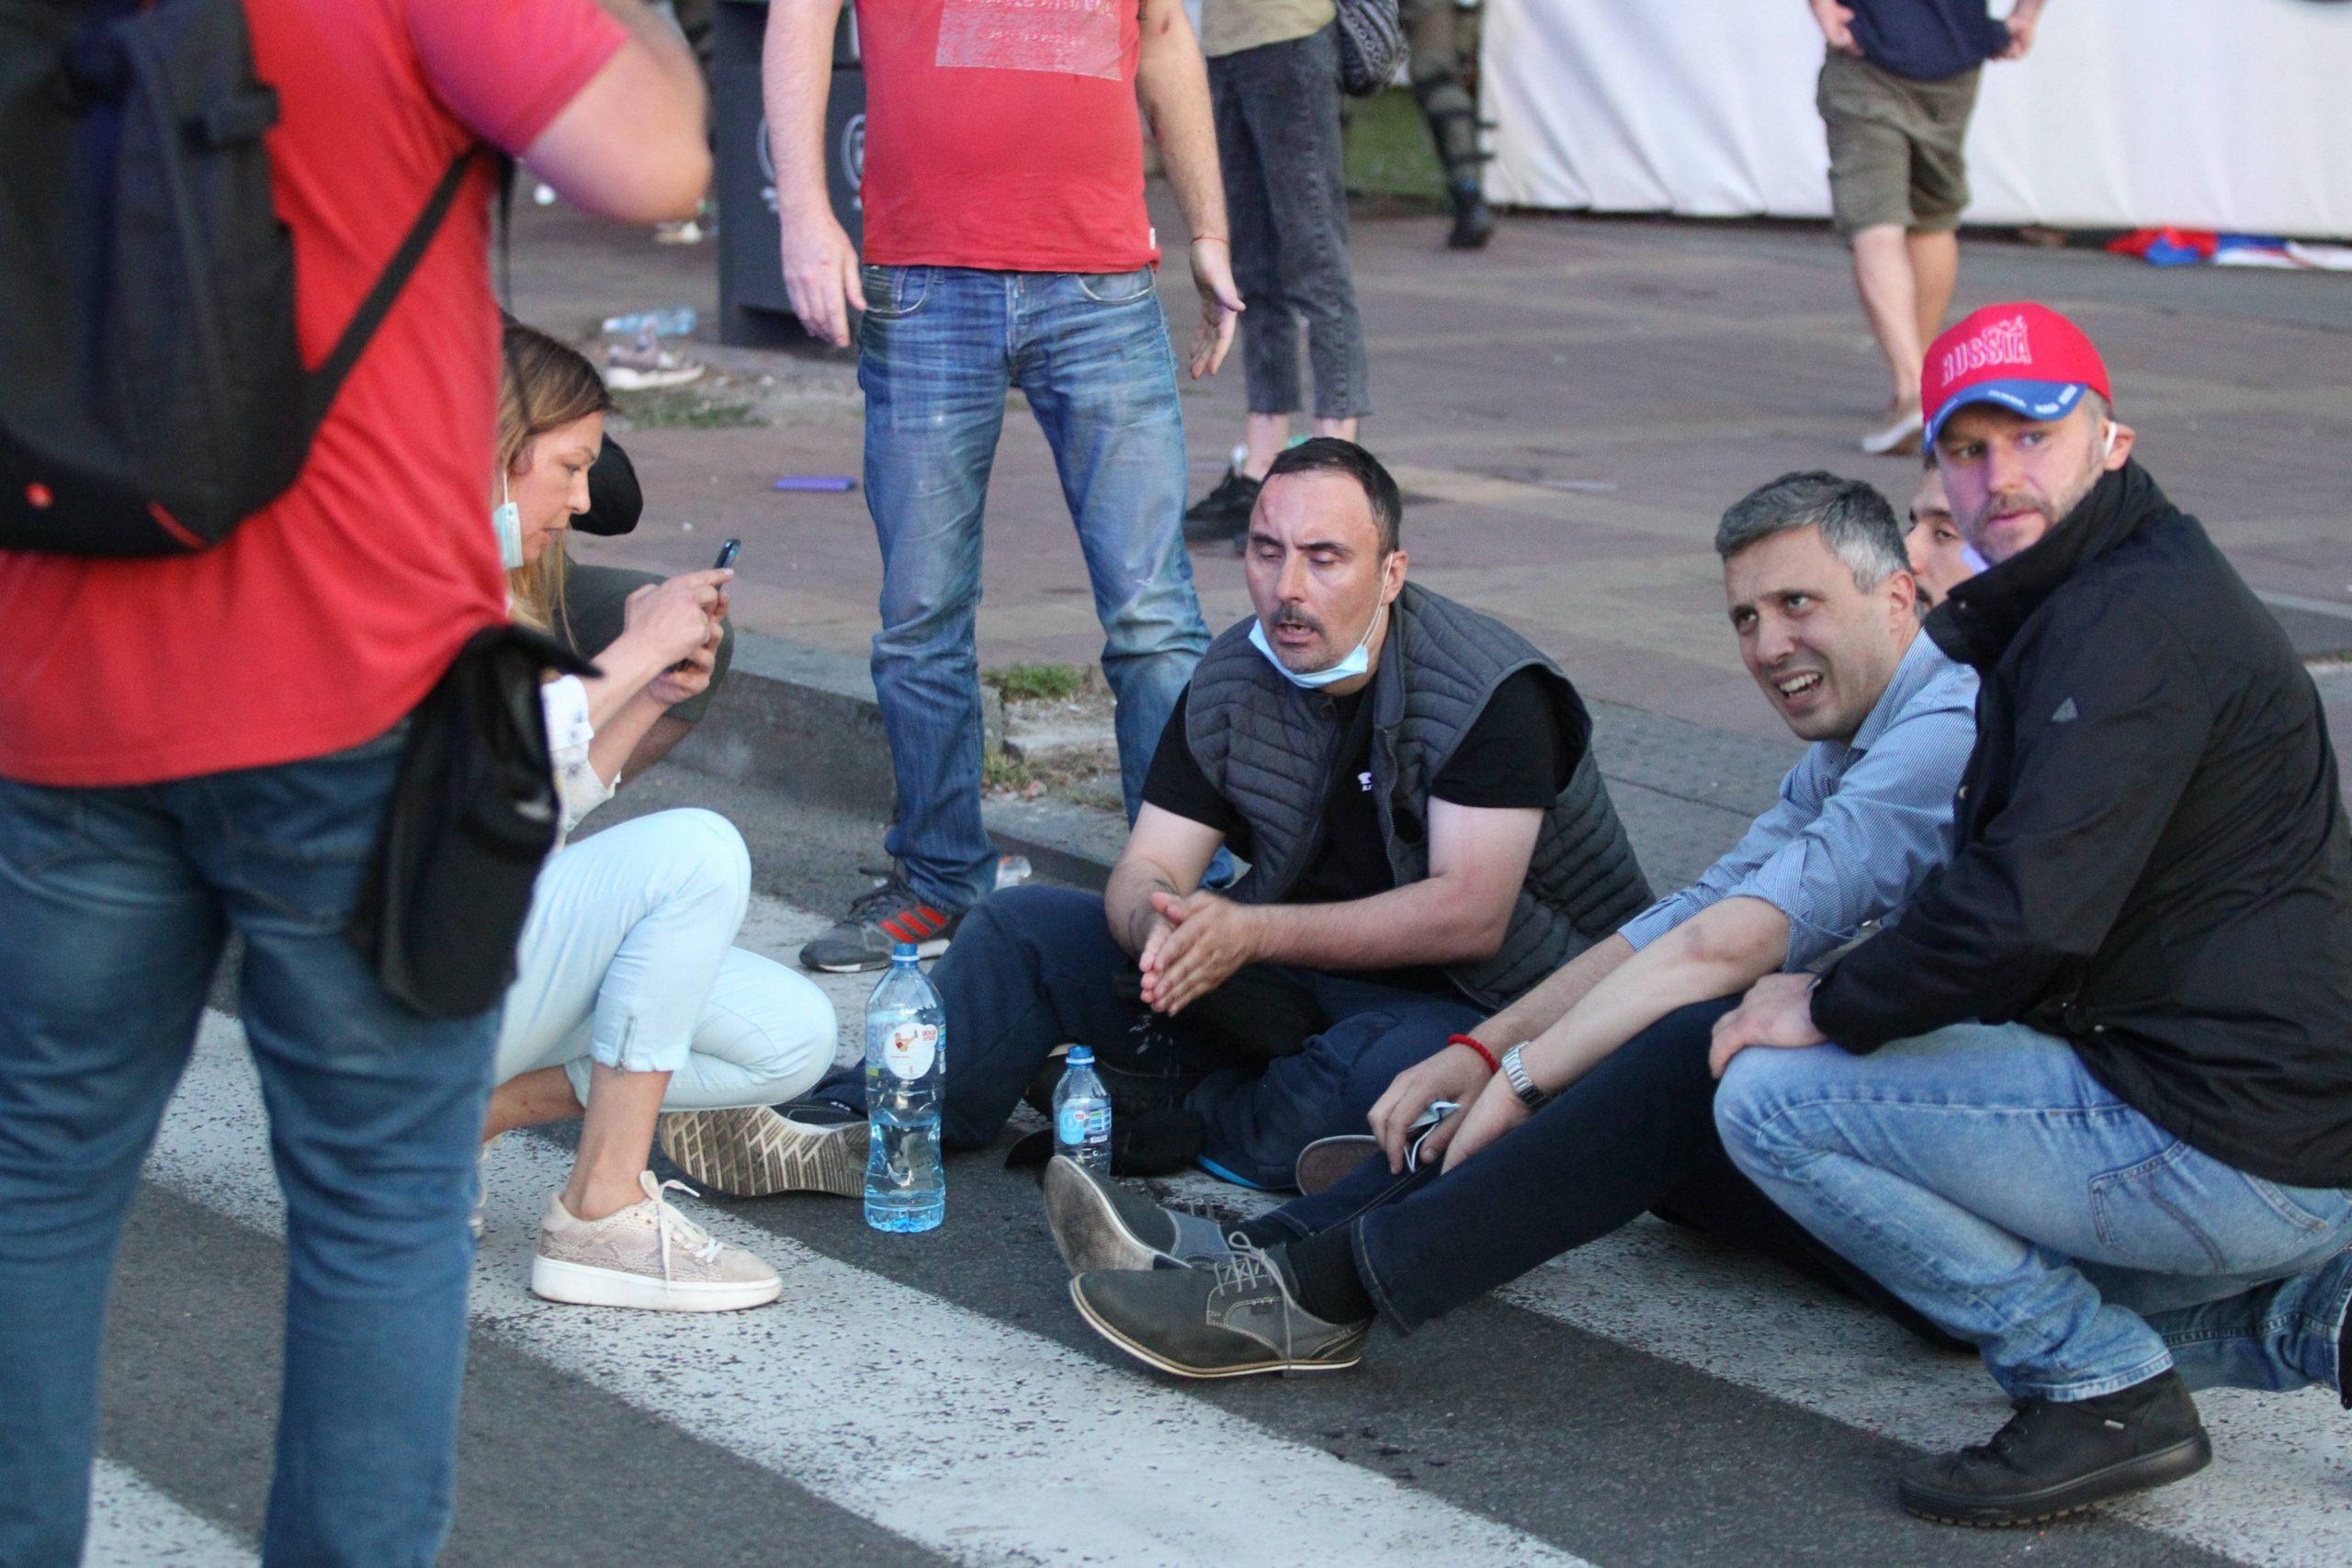 Opozicija: Vlast poslala huligane da napada lidere opozicije 3